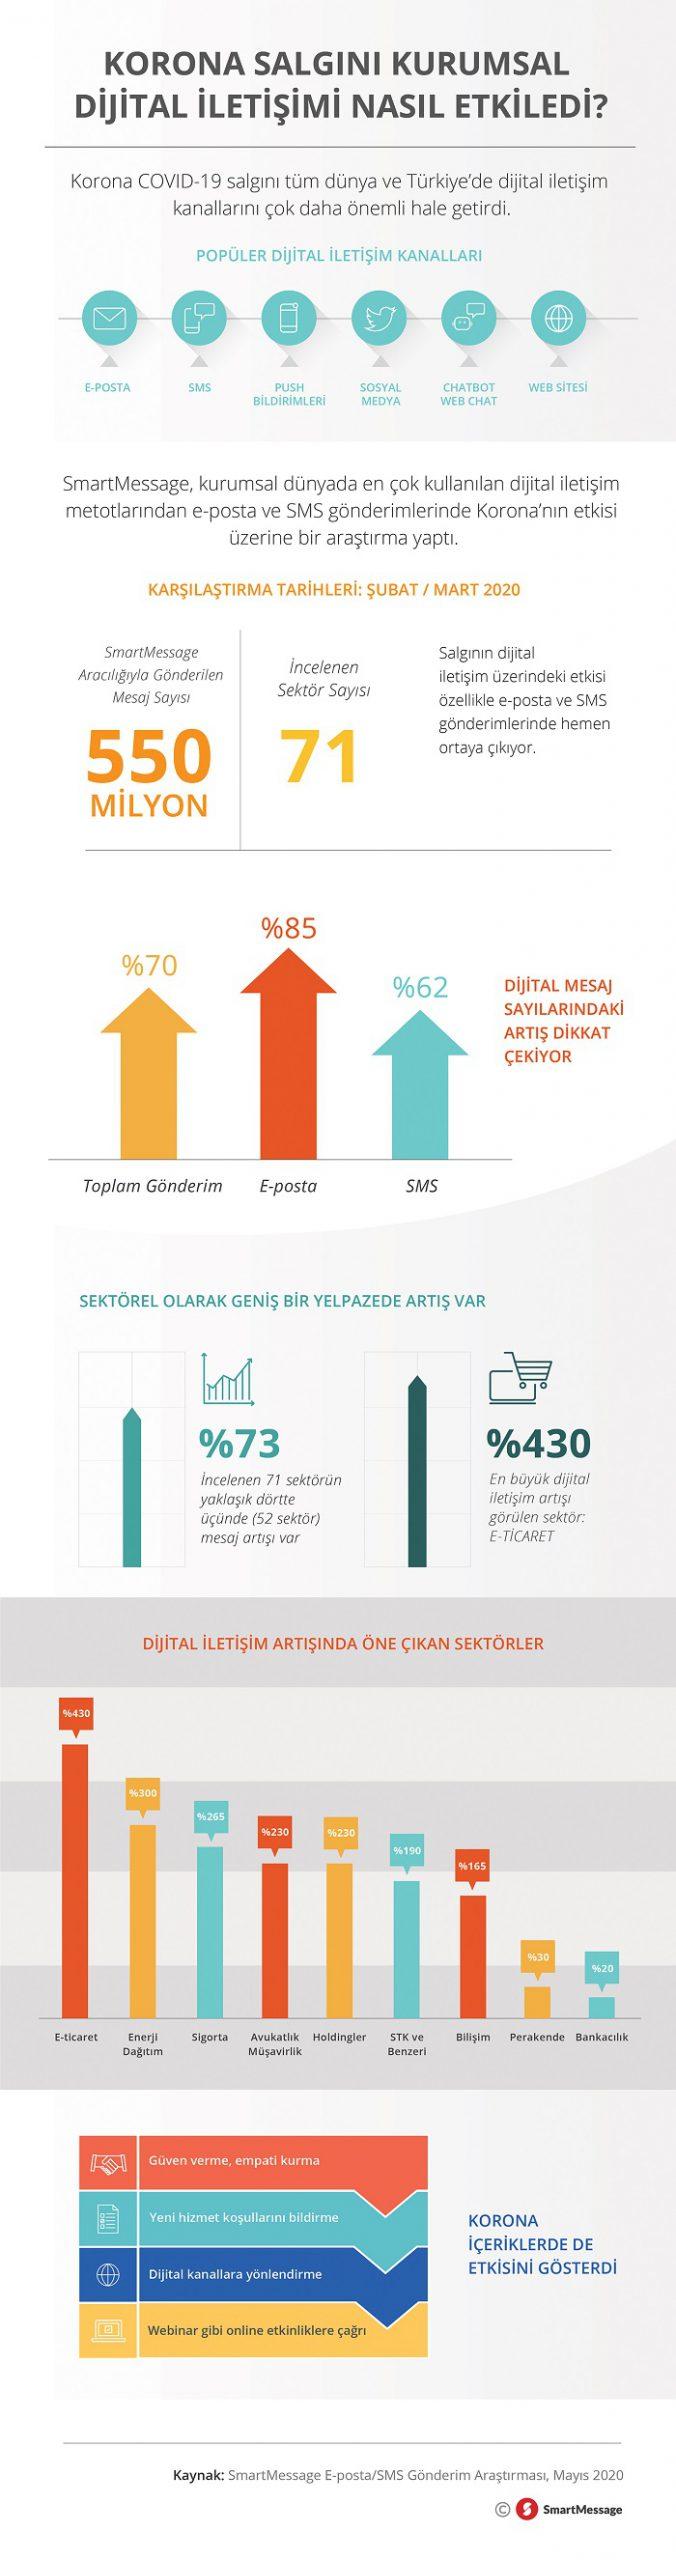 Korona salgını kurumsal dijital iletişimi daha ilk ayda yüzde 70 artırdı